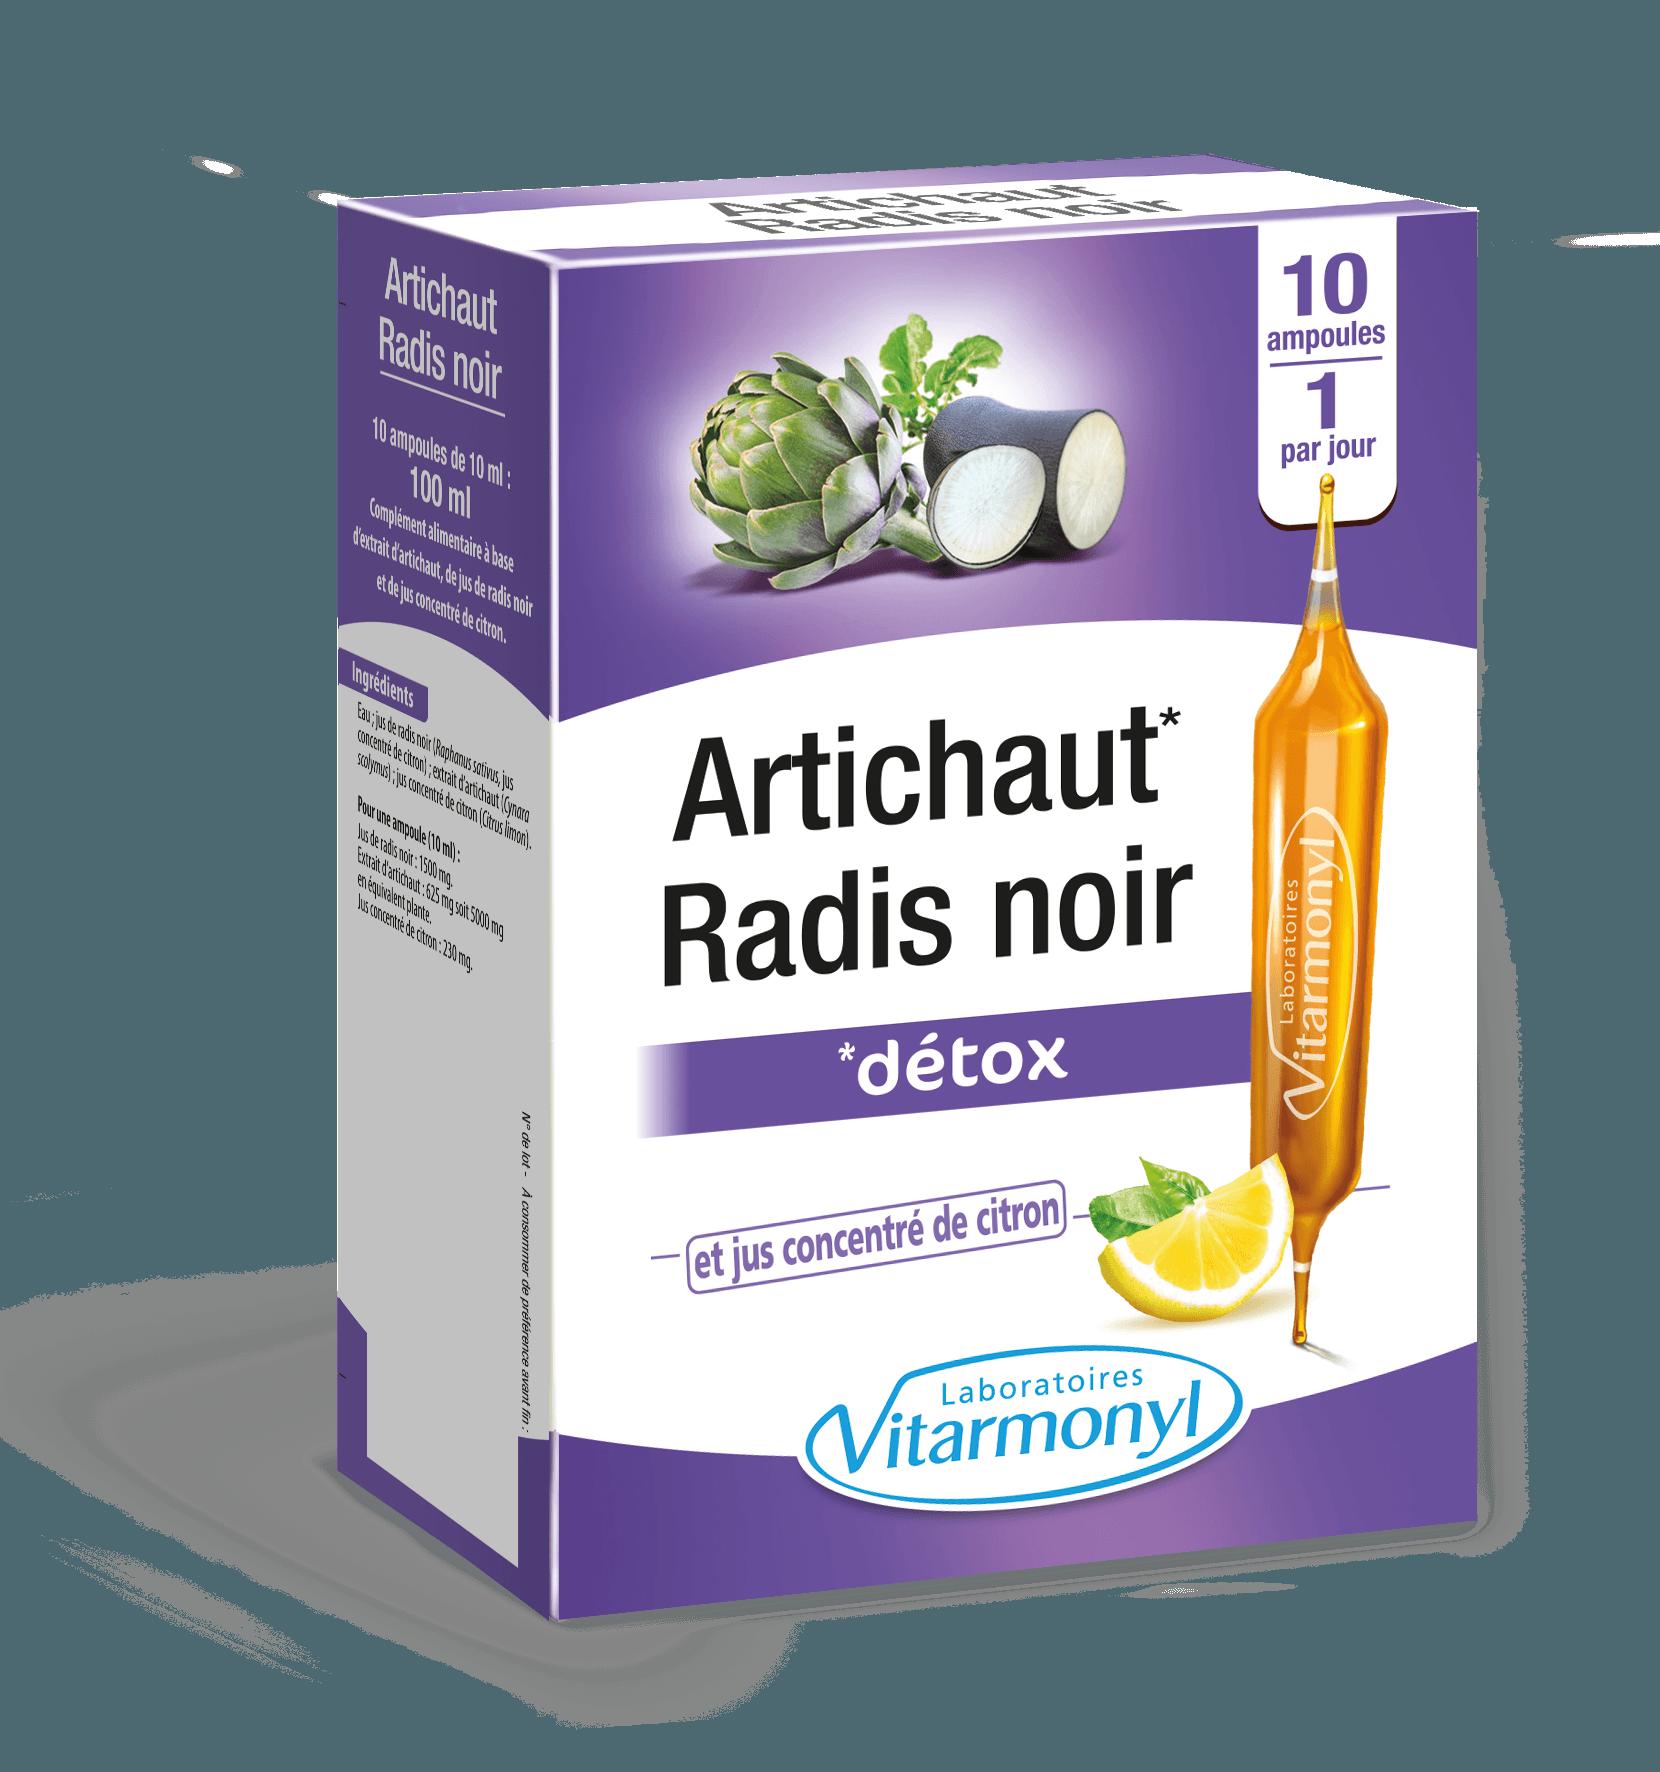 Image Panier d'actifs – Artichaut Radis noir Ampoule